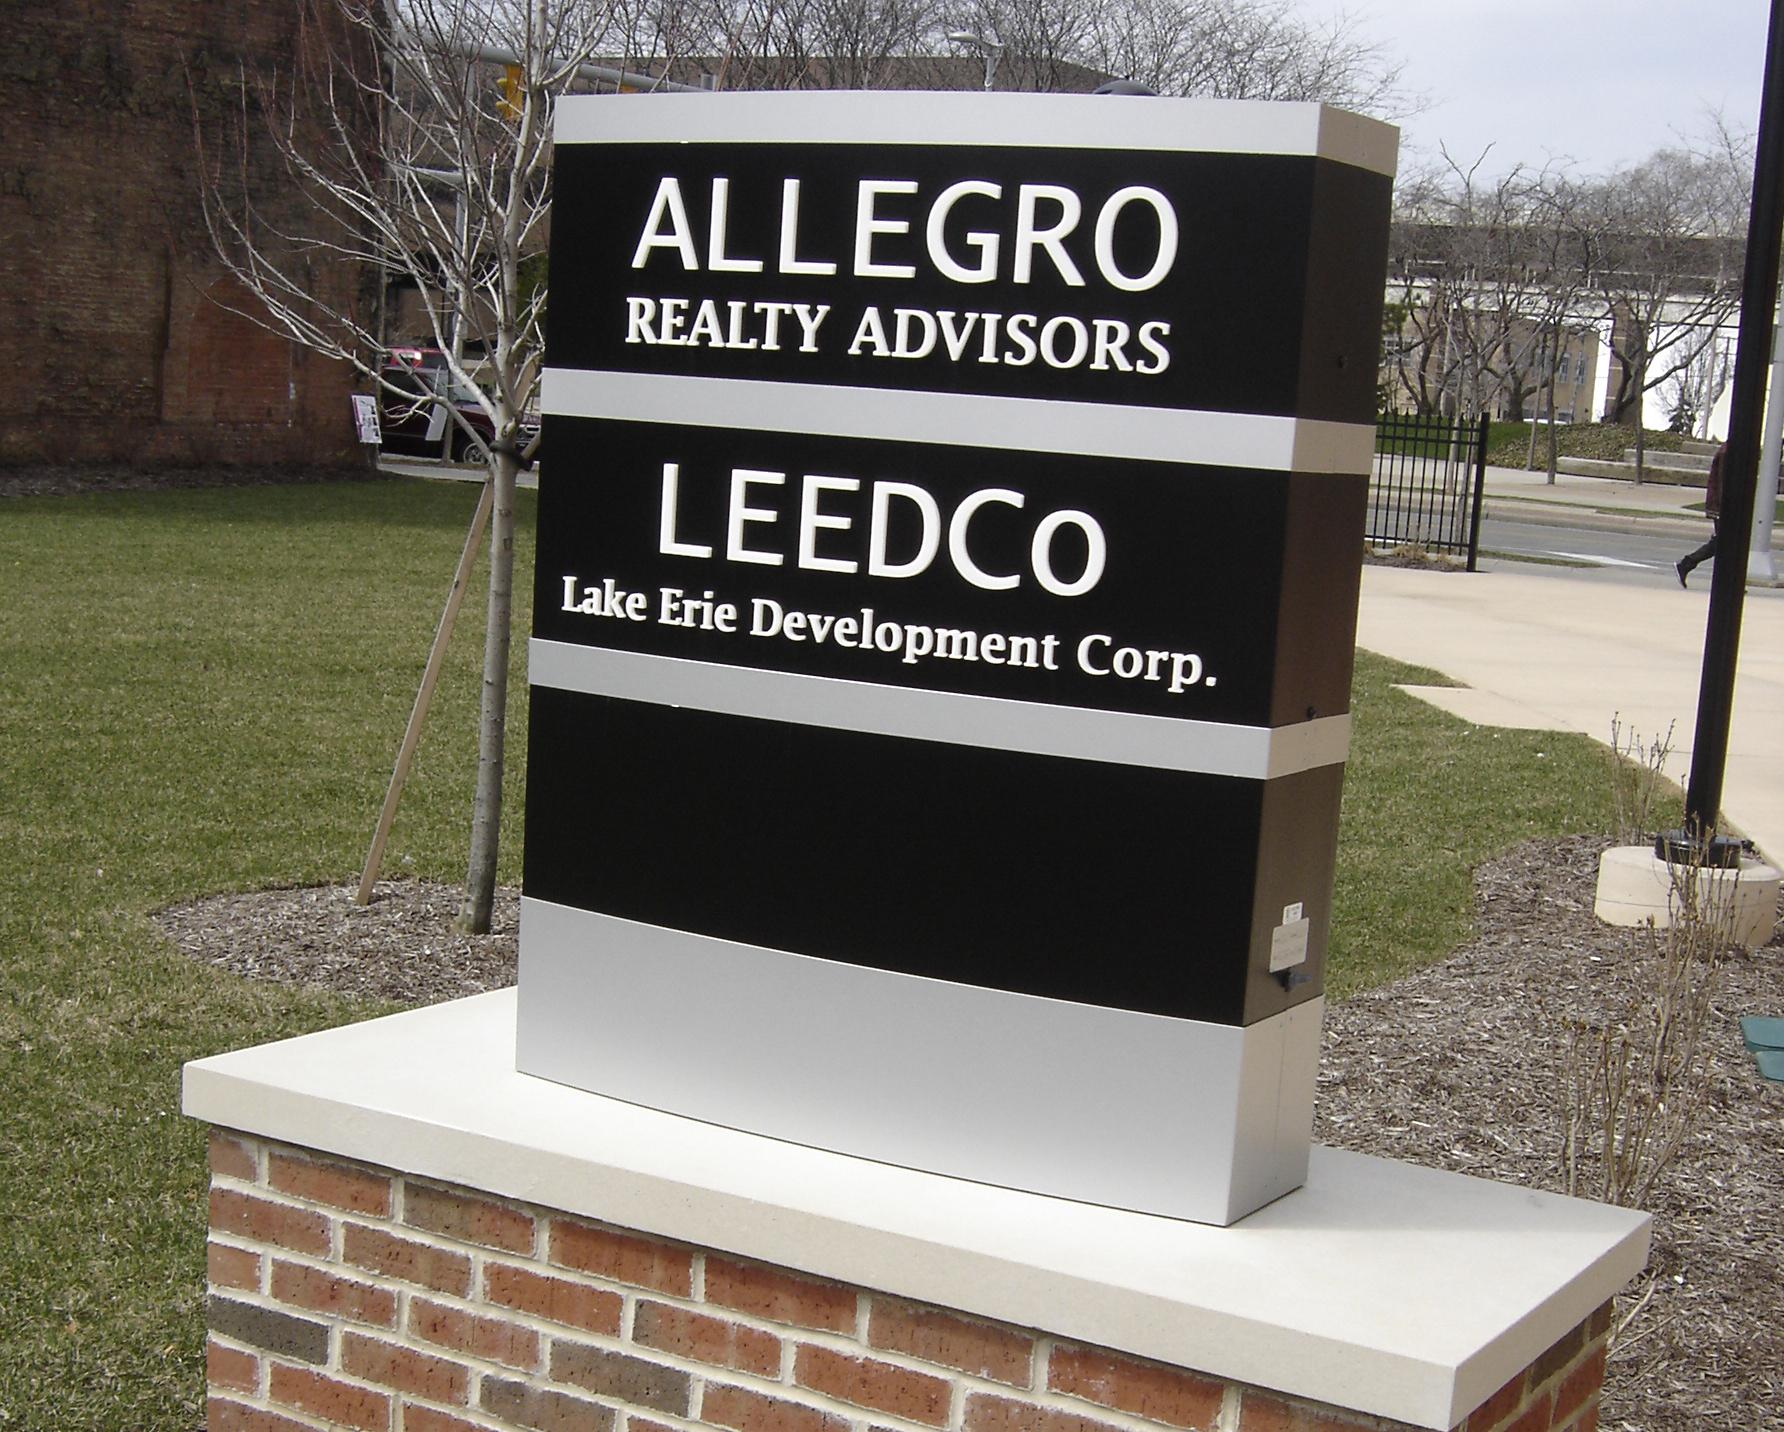 Allegro ground sign